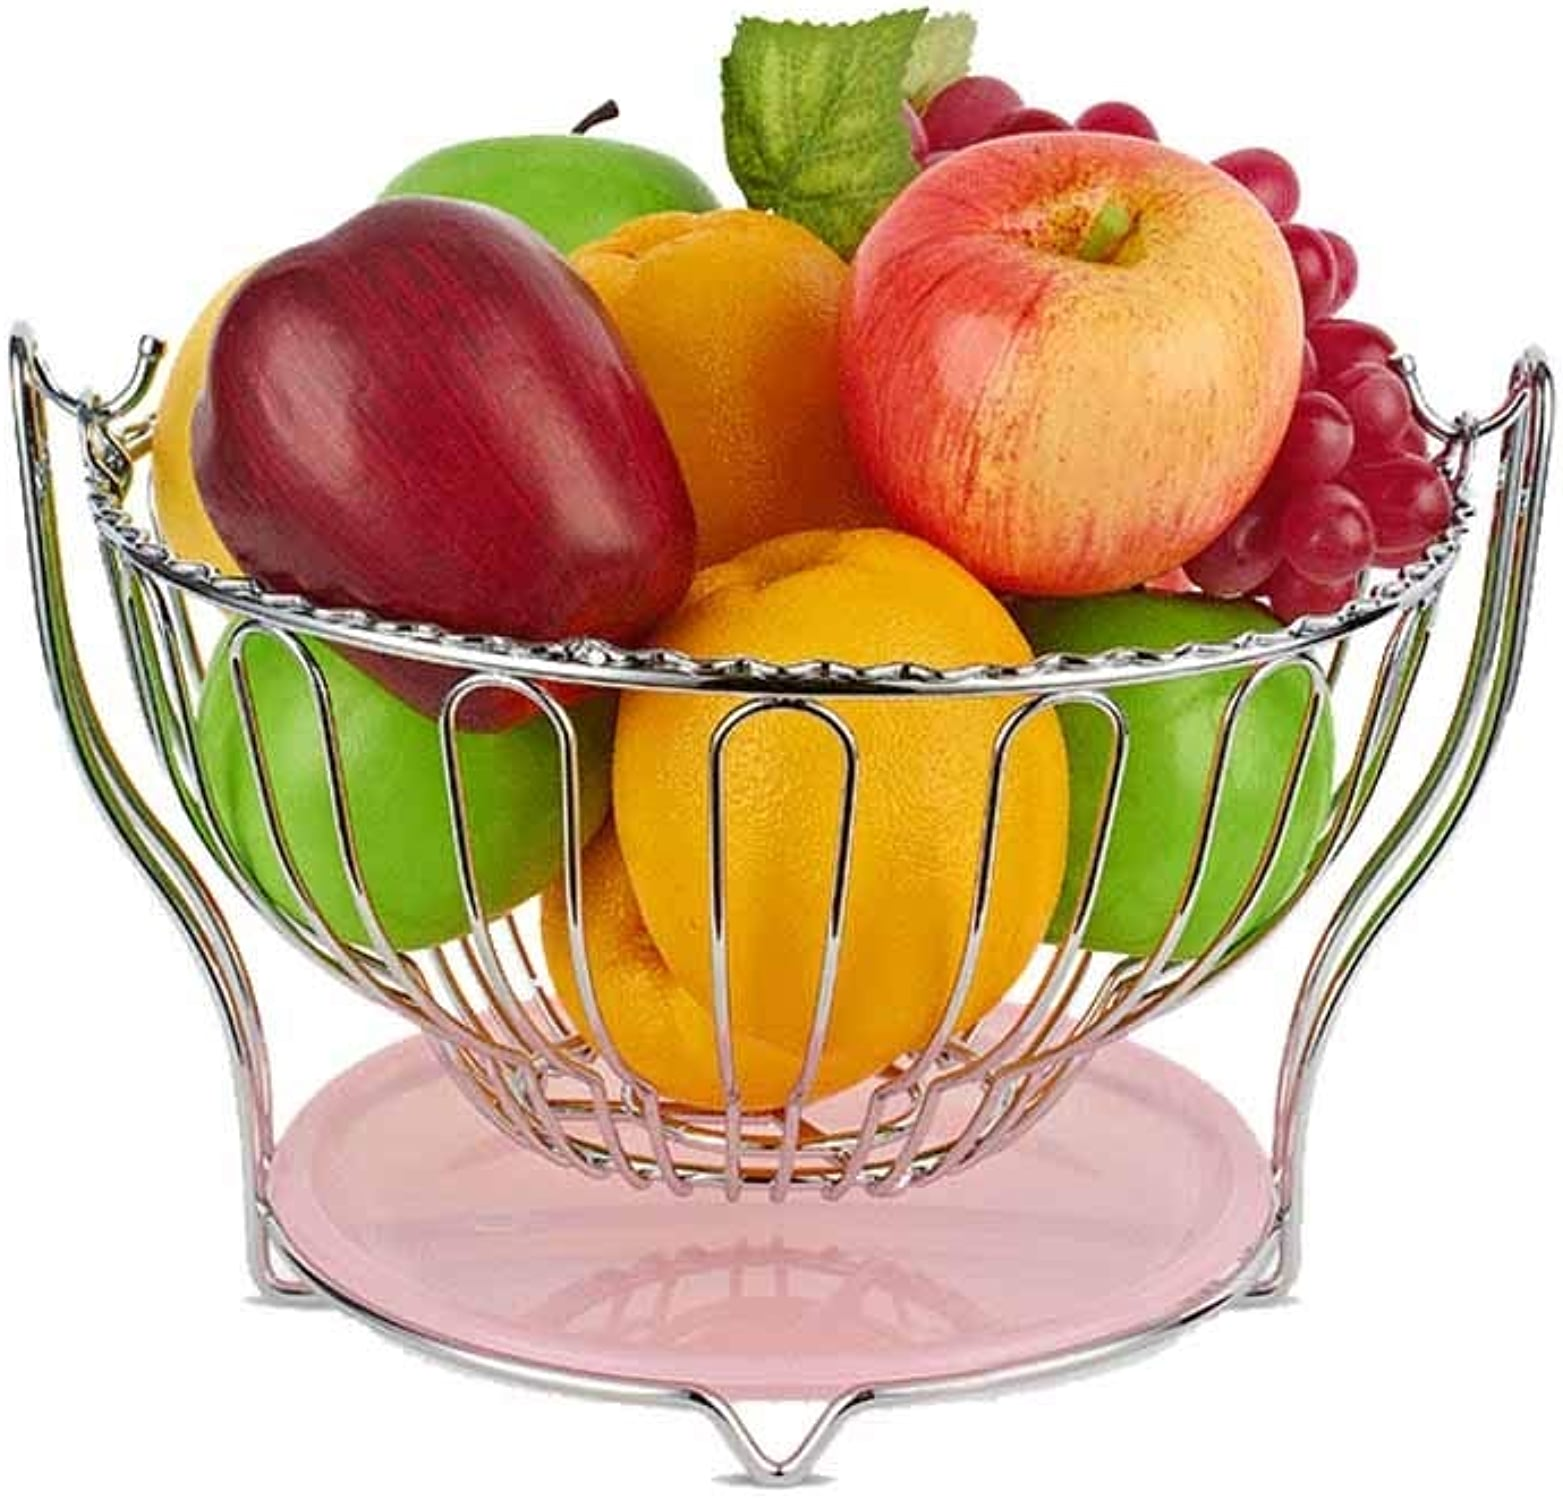 Aishanghuayi-ou Panier de fruits, panier de fruits de bureau créatif, style moderne stockage maison de stockage de collation de fruits, rond rose,Durable (Couleur   1)